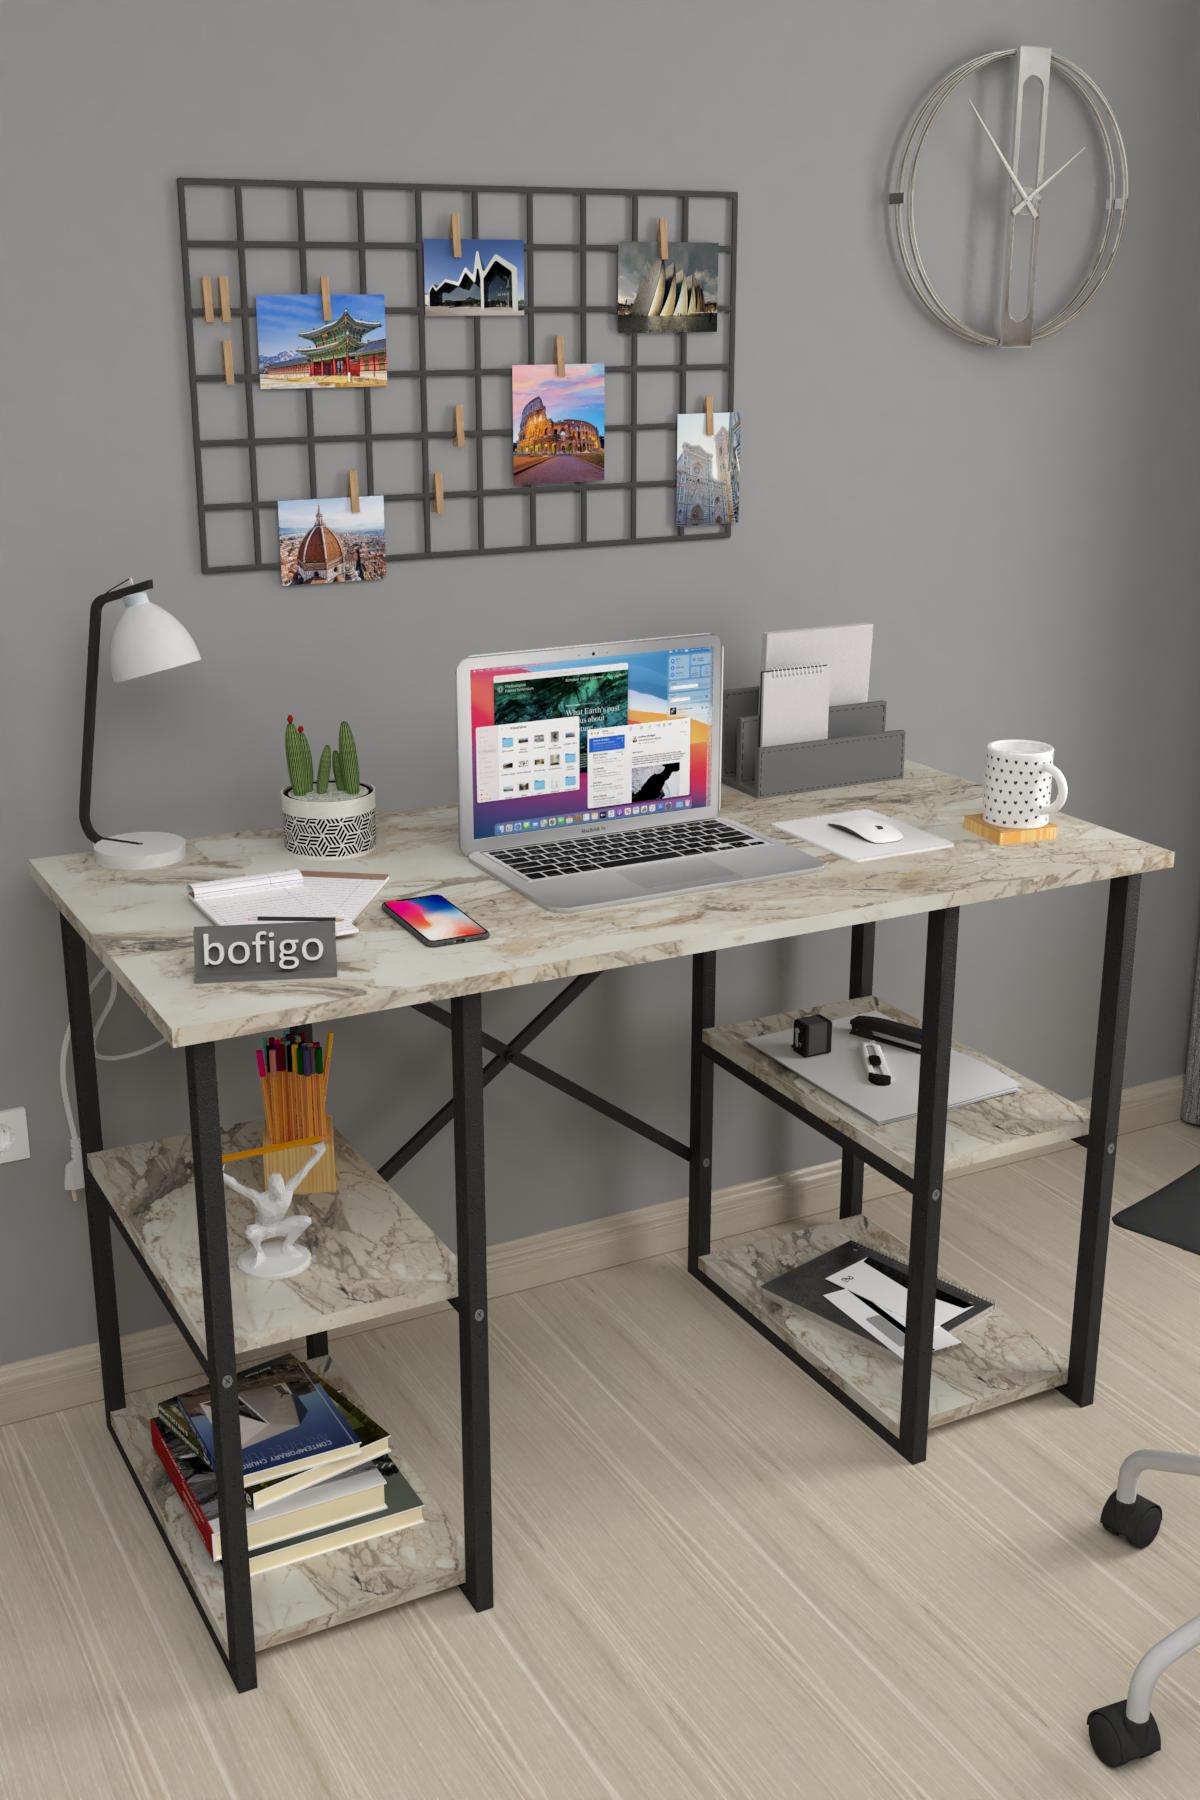 Bofigo 4 Shelf Desk 60x120 cm Efes